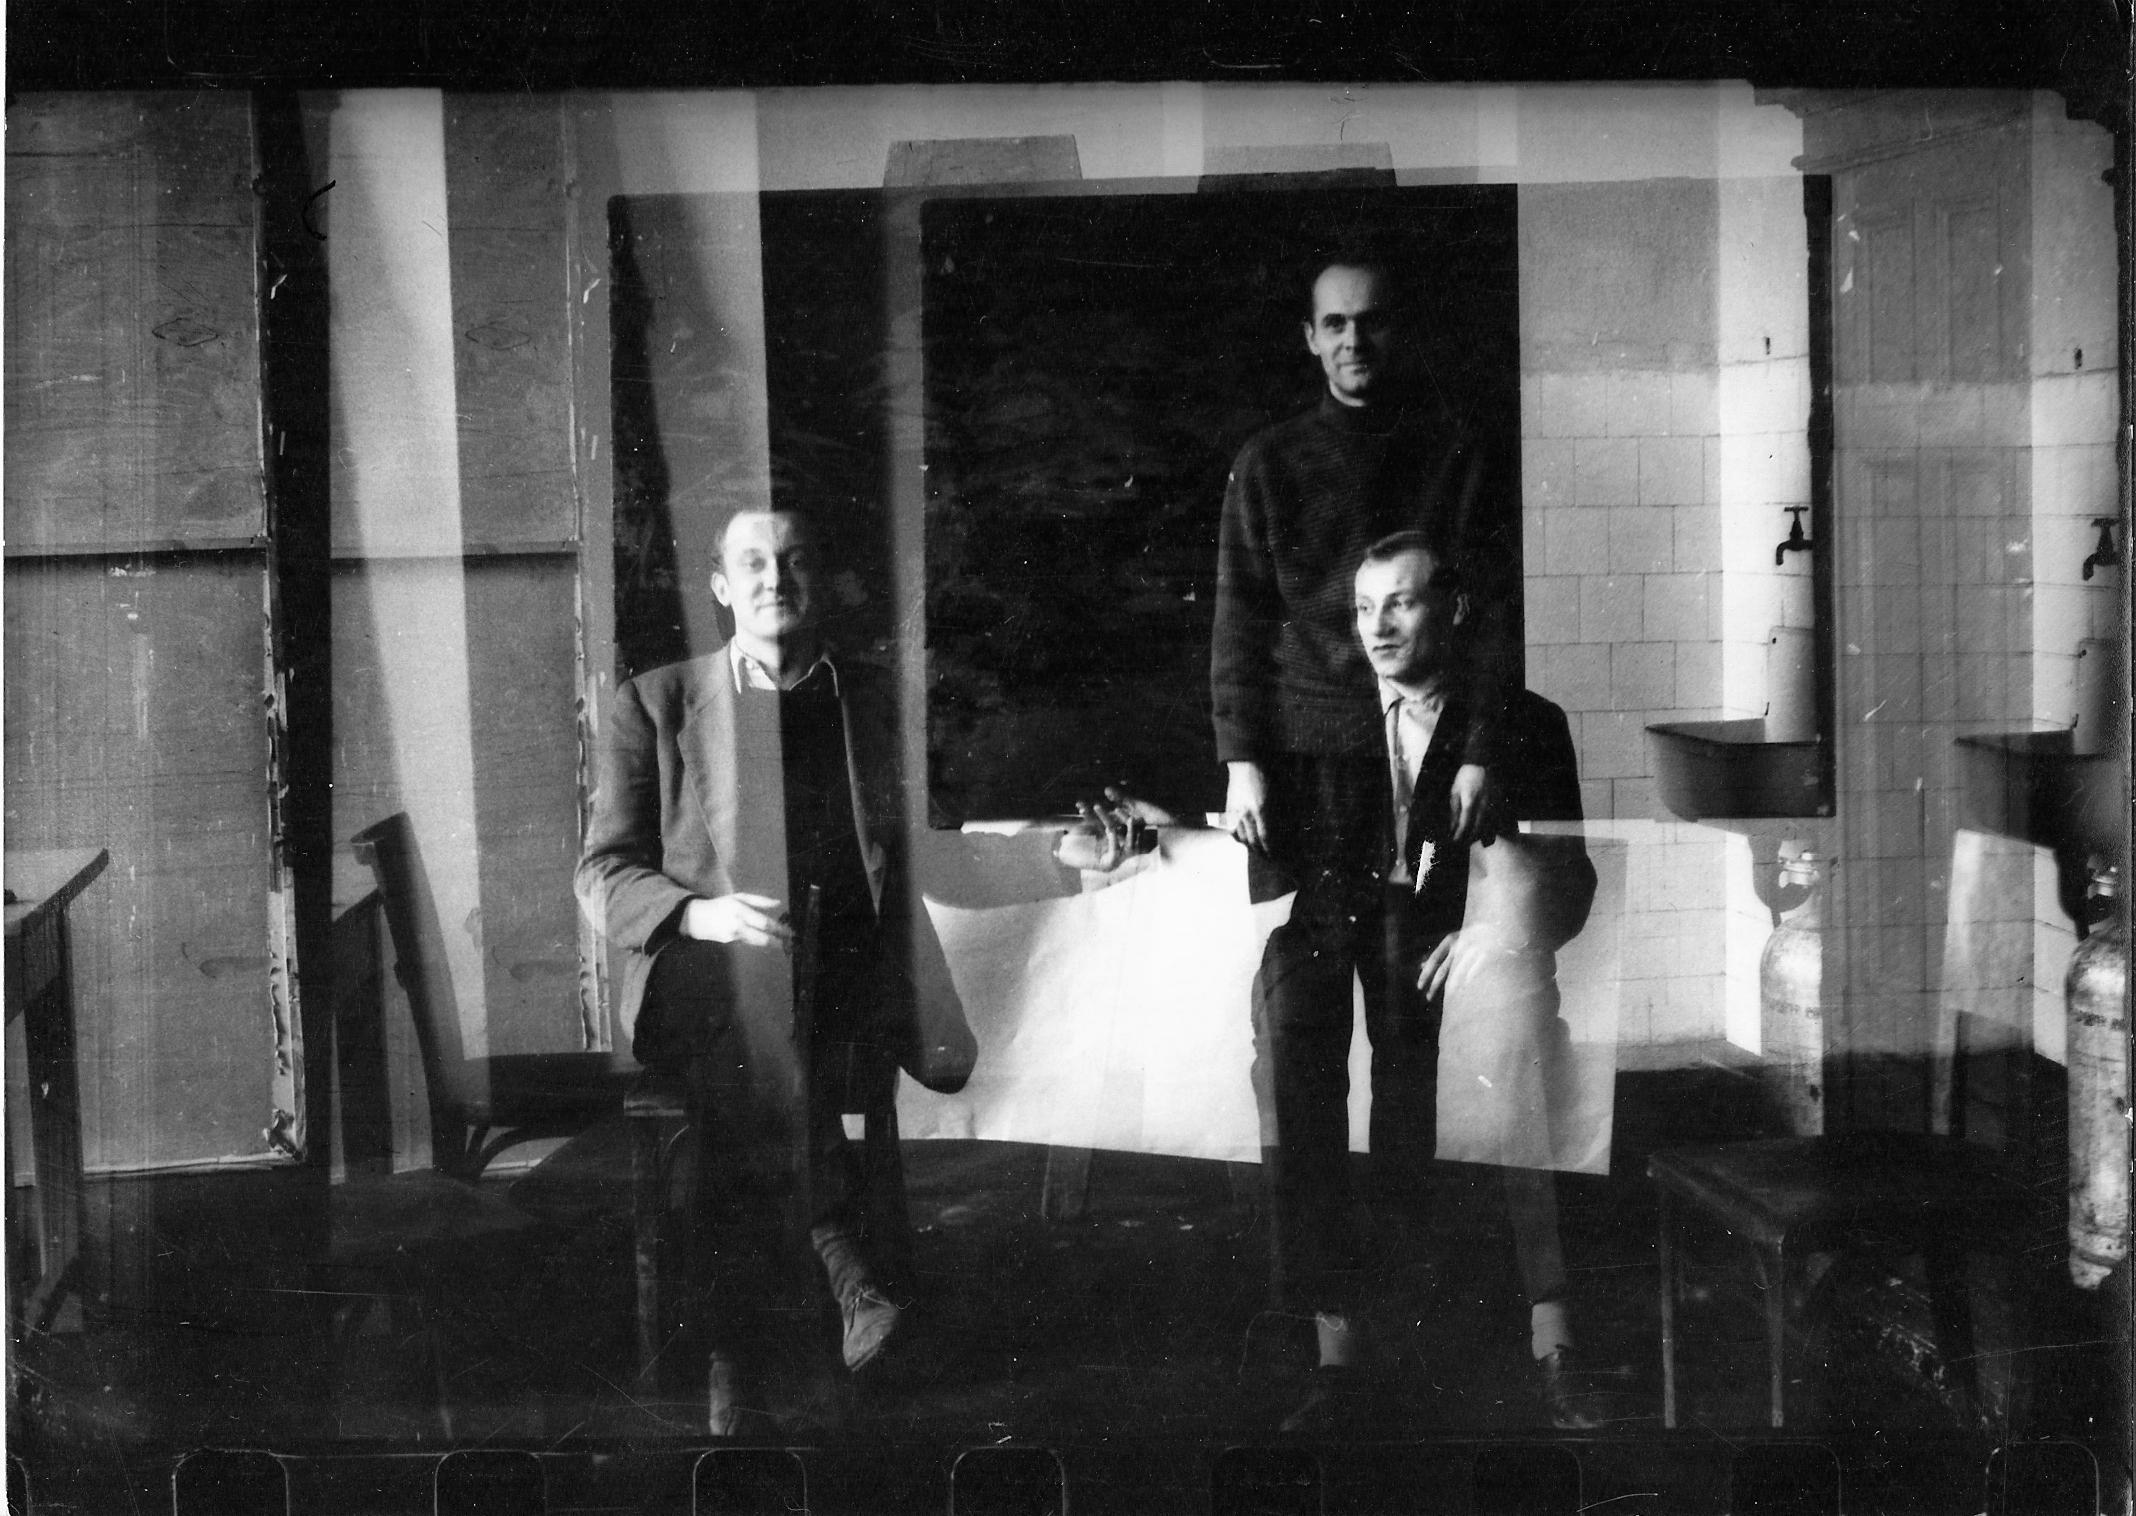 Deim Pál Altorjai Sándorral és Baranyai Andrásal a Képzőművészeti Főiskolán, 1960-ban. Fotó: Deim Pál